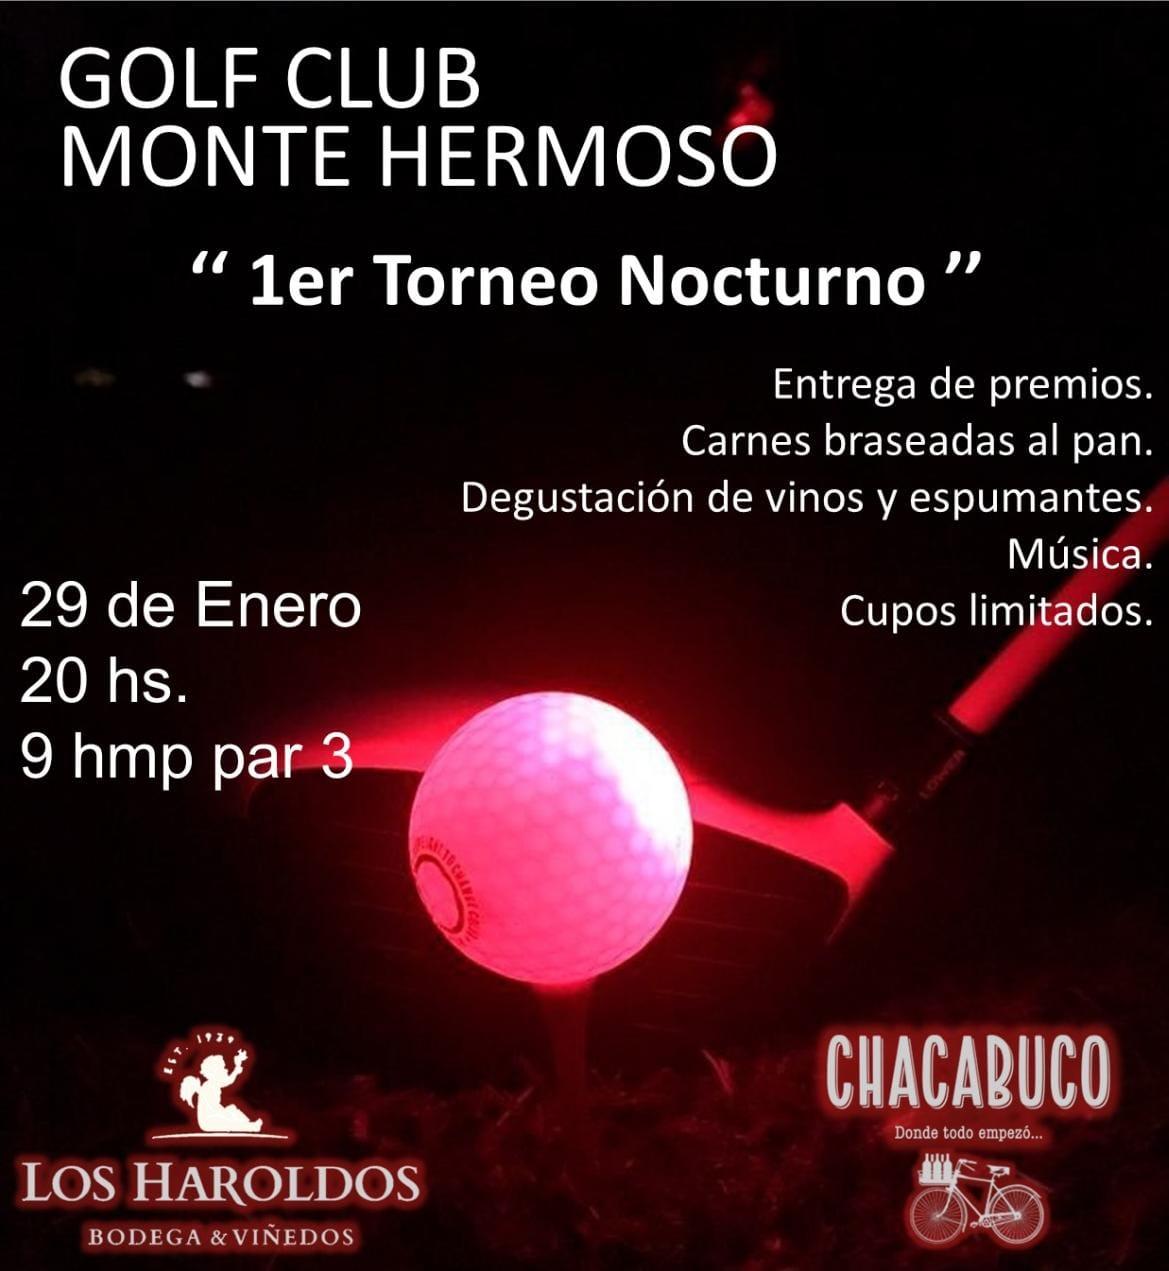 29 de Enero en Monte Hermoso Golf Club